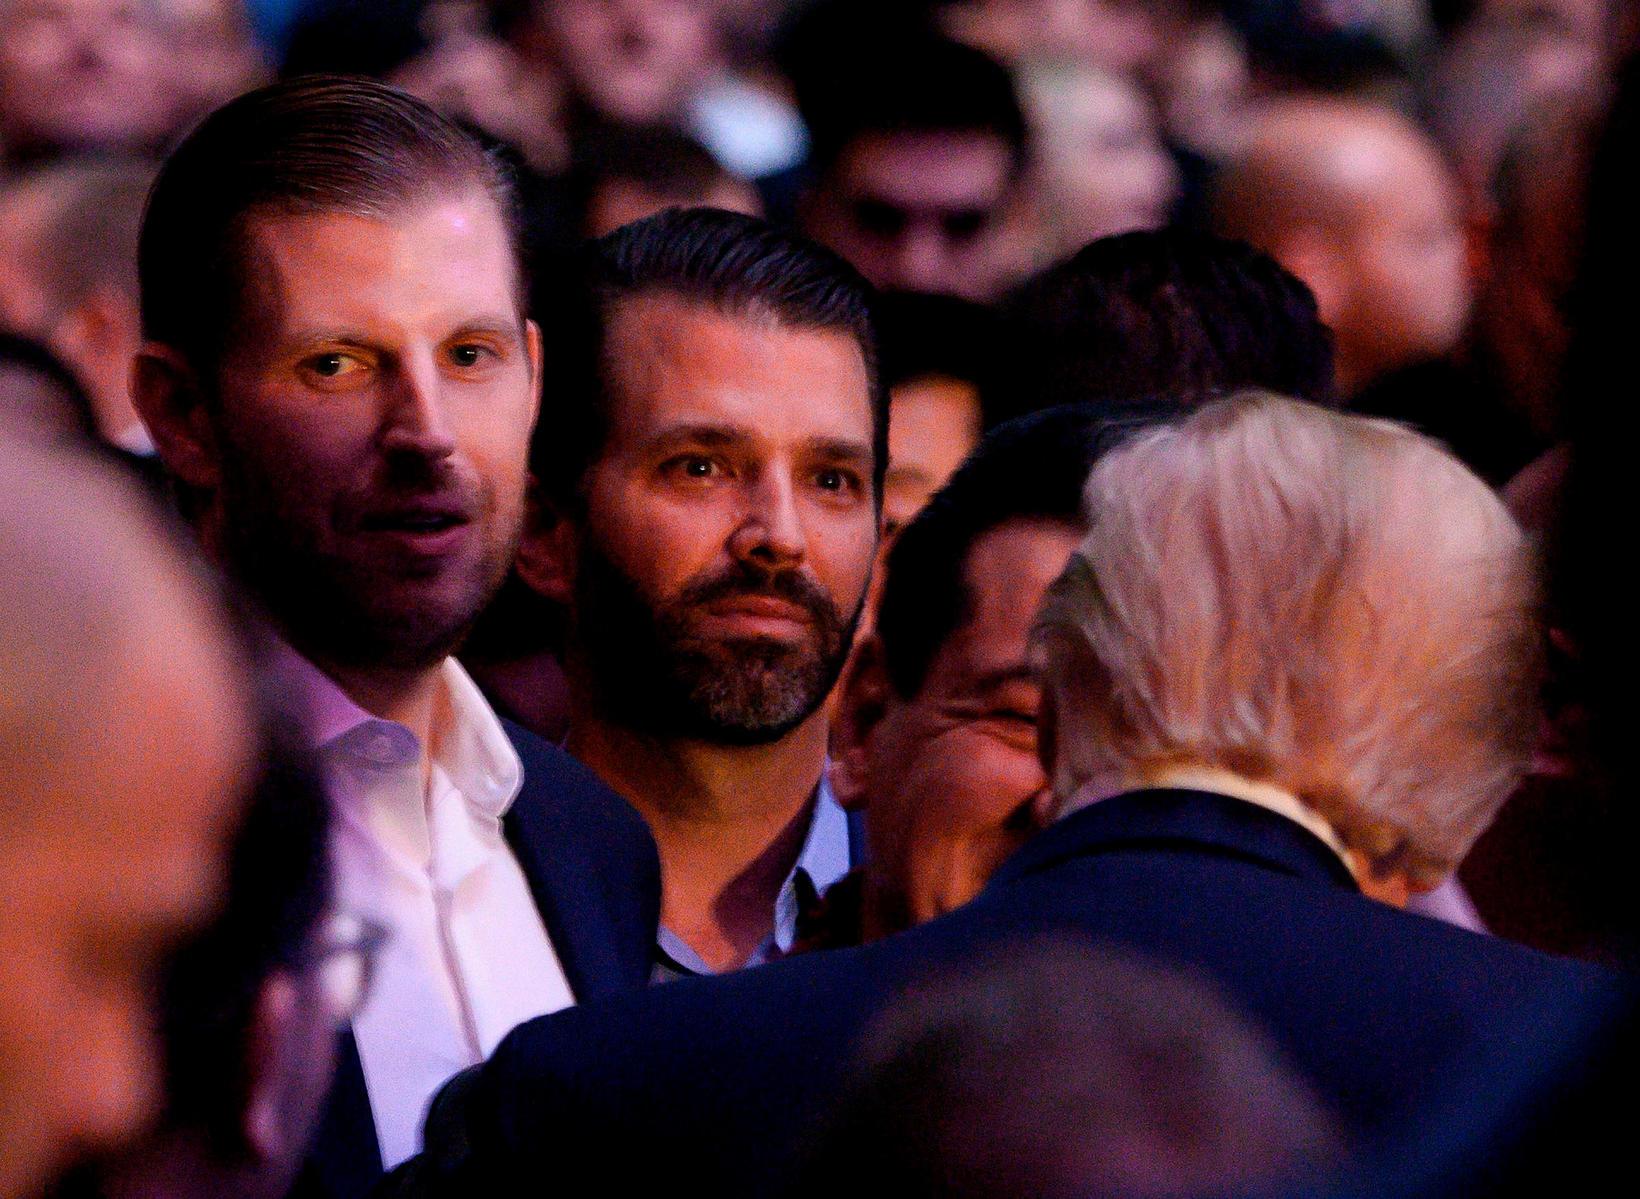 Eric og Donald yngri, synir forsetans á bardaganum í gær.